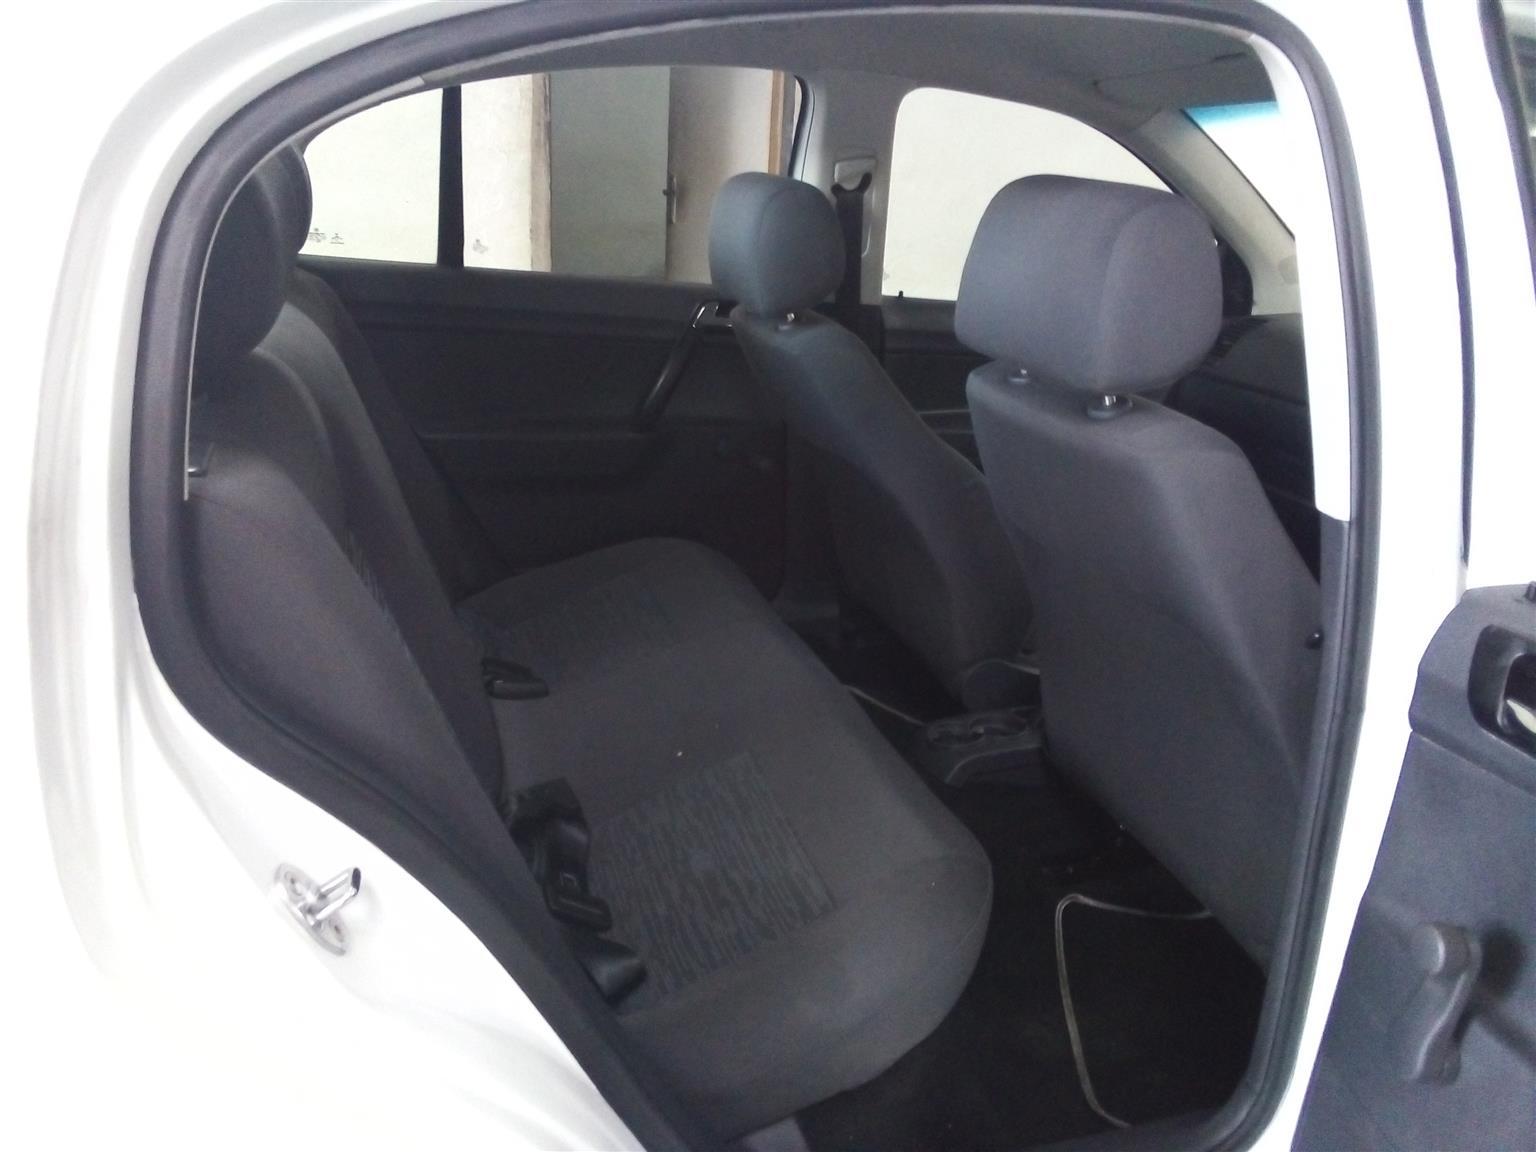 2008 VW Polo Vivo 5 door 1.4